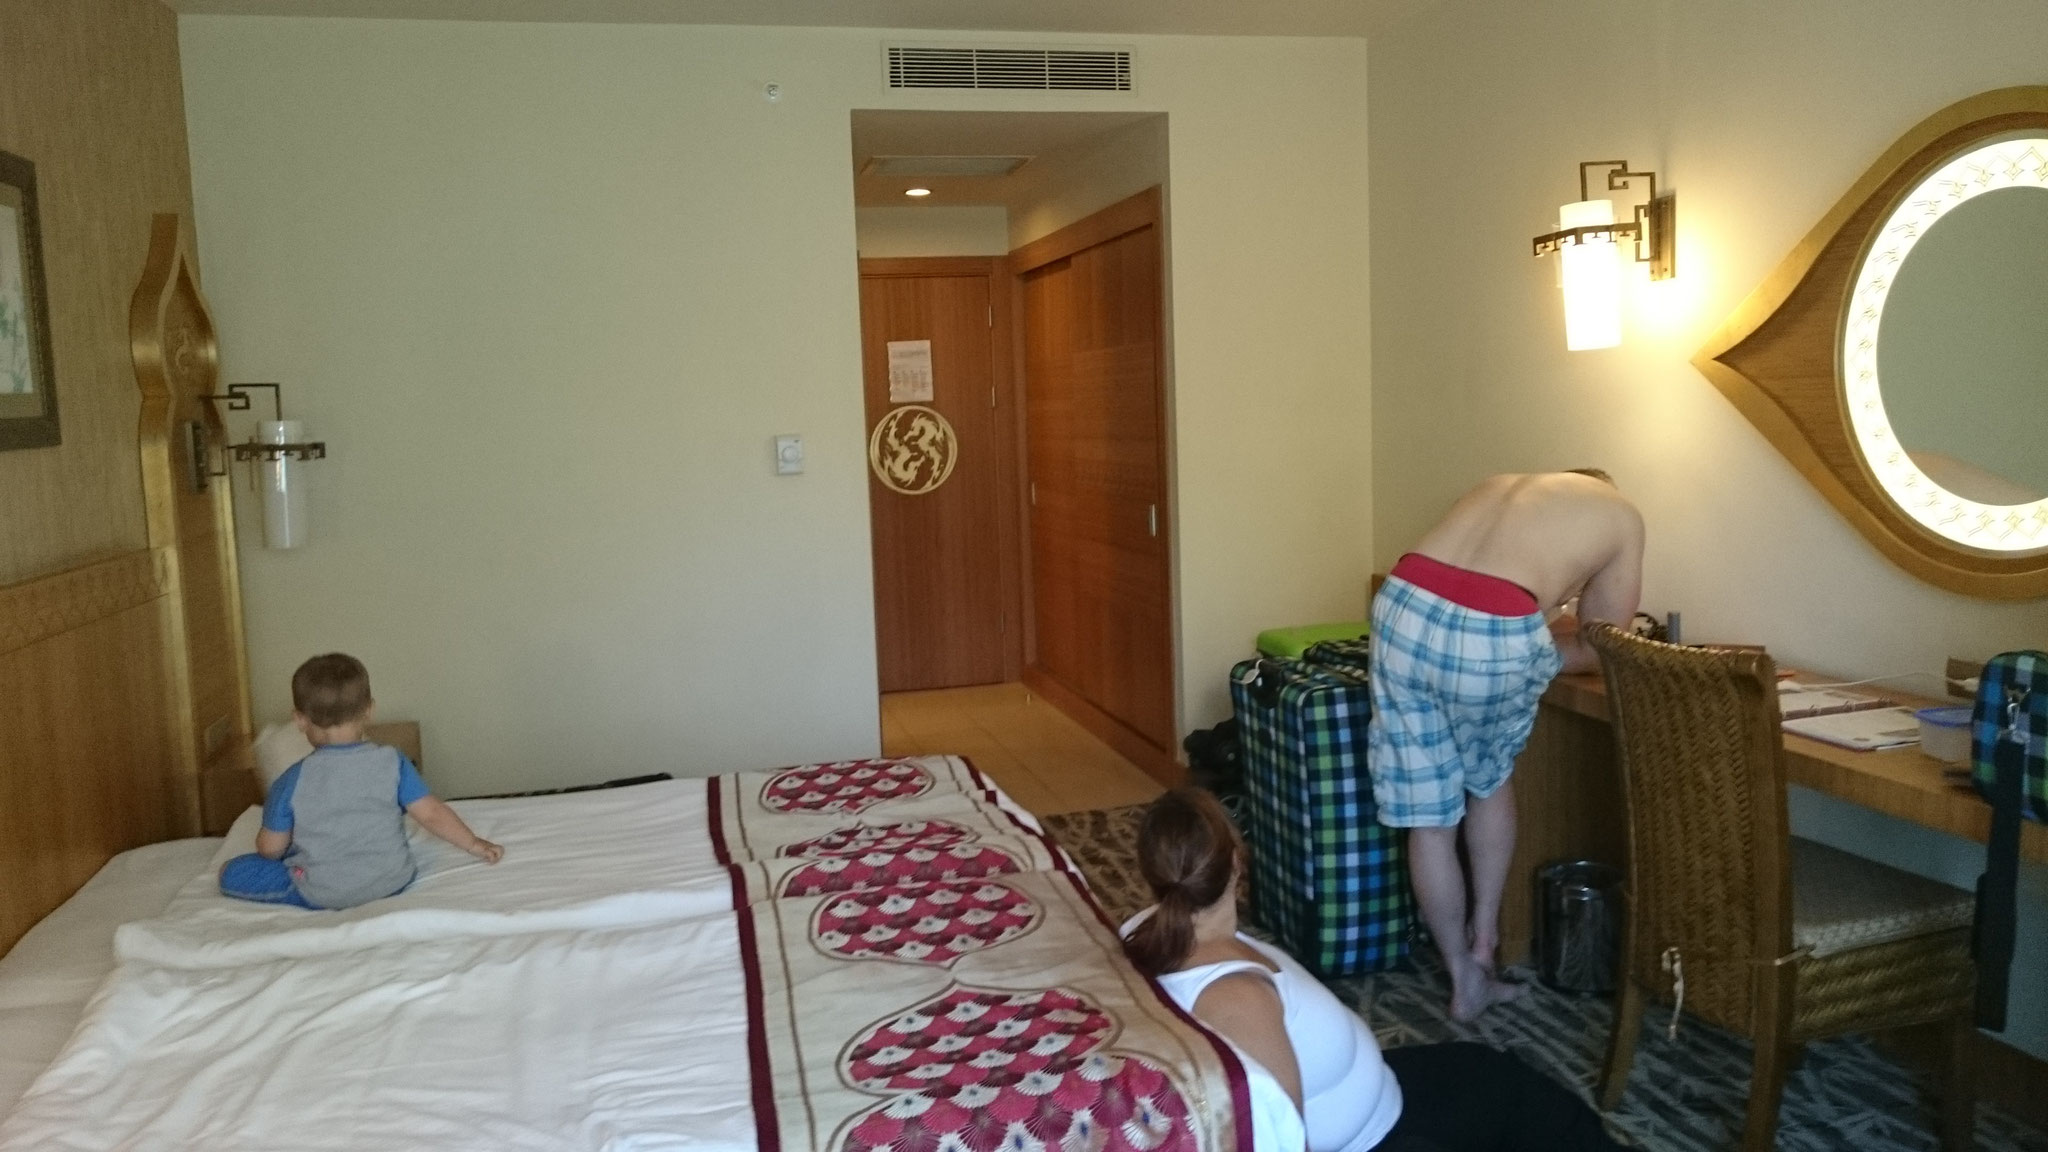 Das Zimmer: klein, fein, Hauptsache gut gekühlt. ;-)